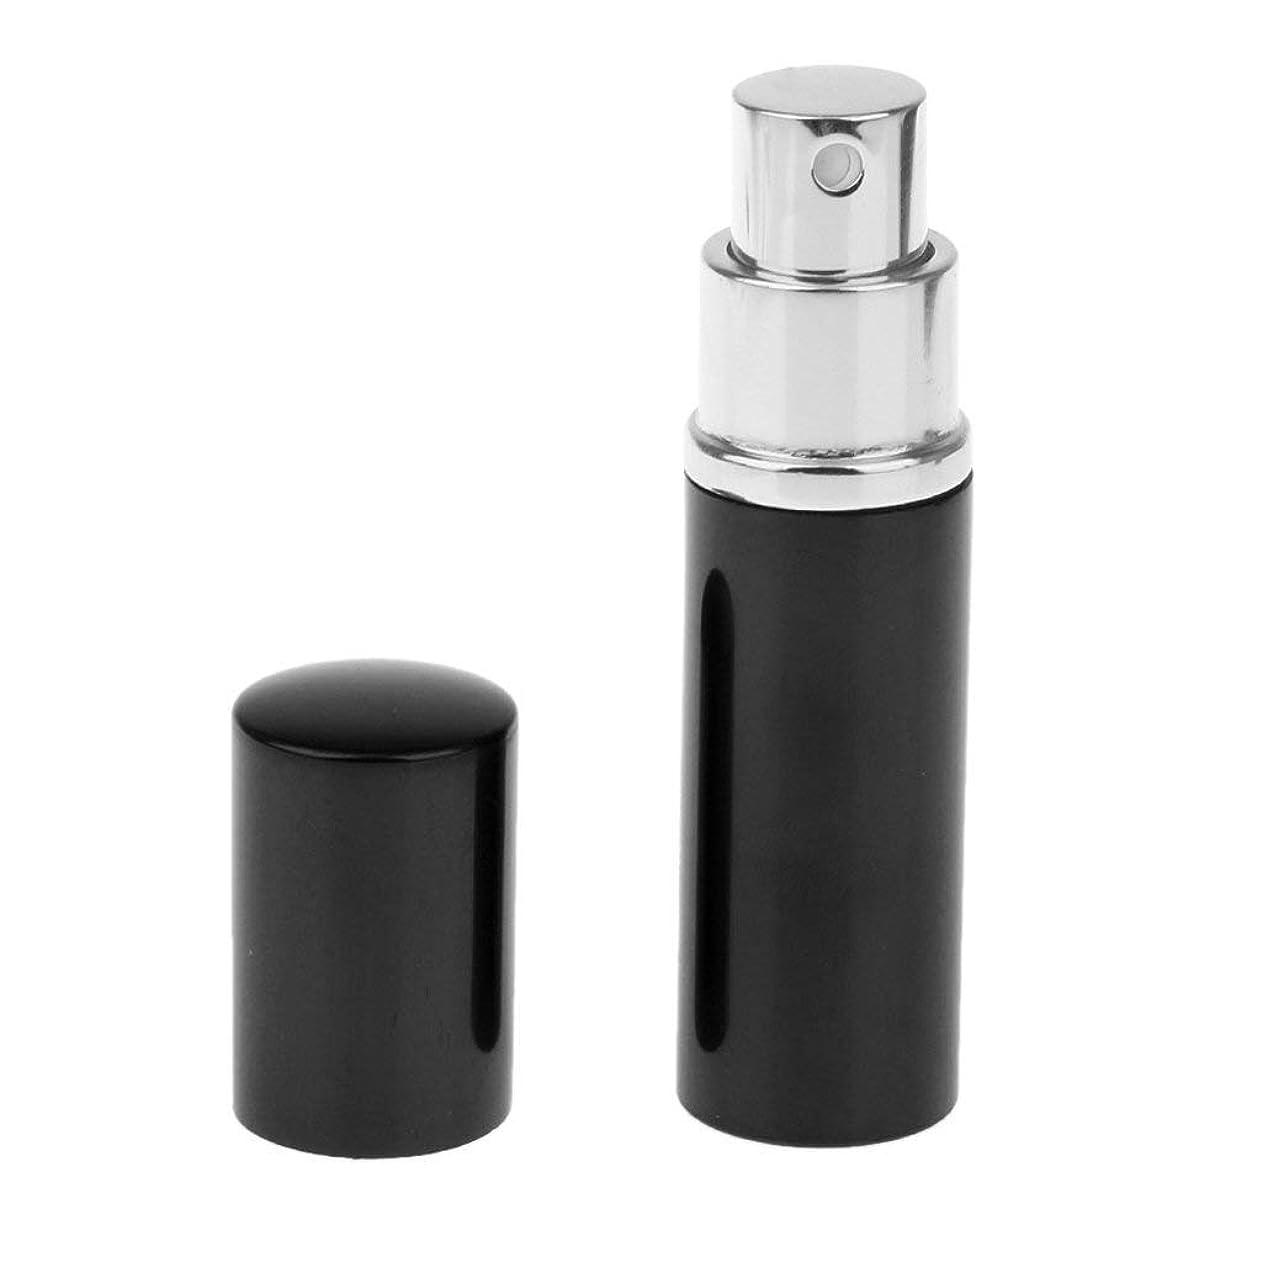 くバルセロナドナウ川10mlミニ香水アフターシャブルスプレーアトマイザー空の詰め替え可能